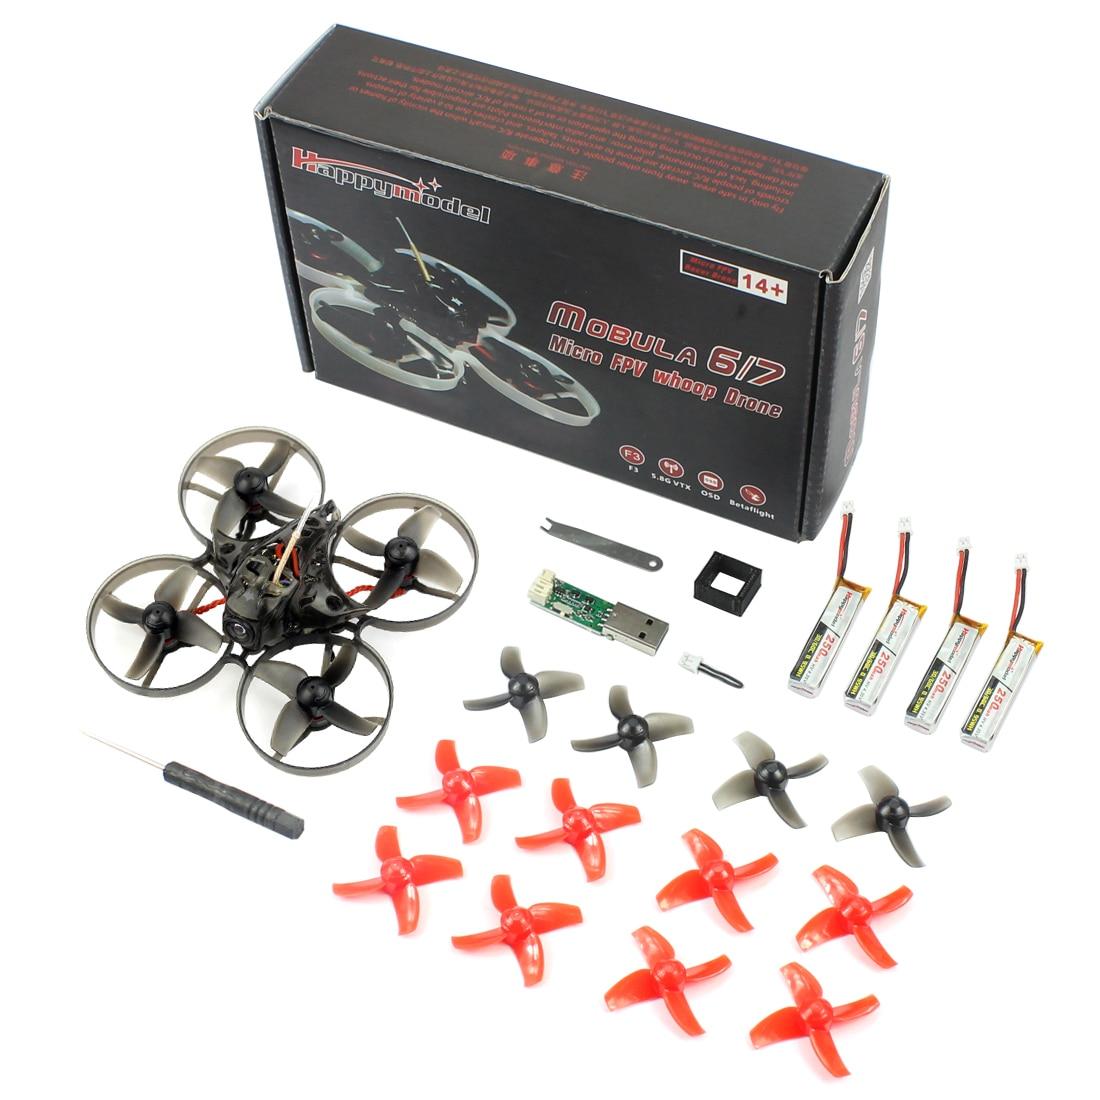 Happymodel Mobula7 75 мм Crazybee F3 Pro OSD 2 S BWhoop FPV скоростные дроны Квадрокоптеры w/обновления BB2 ESC 700TVL БНФ совместим Frsky